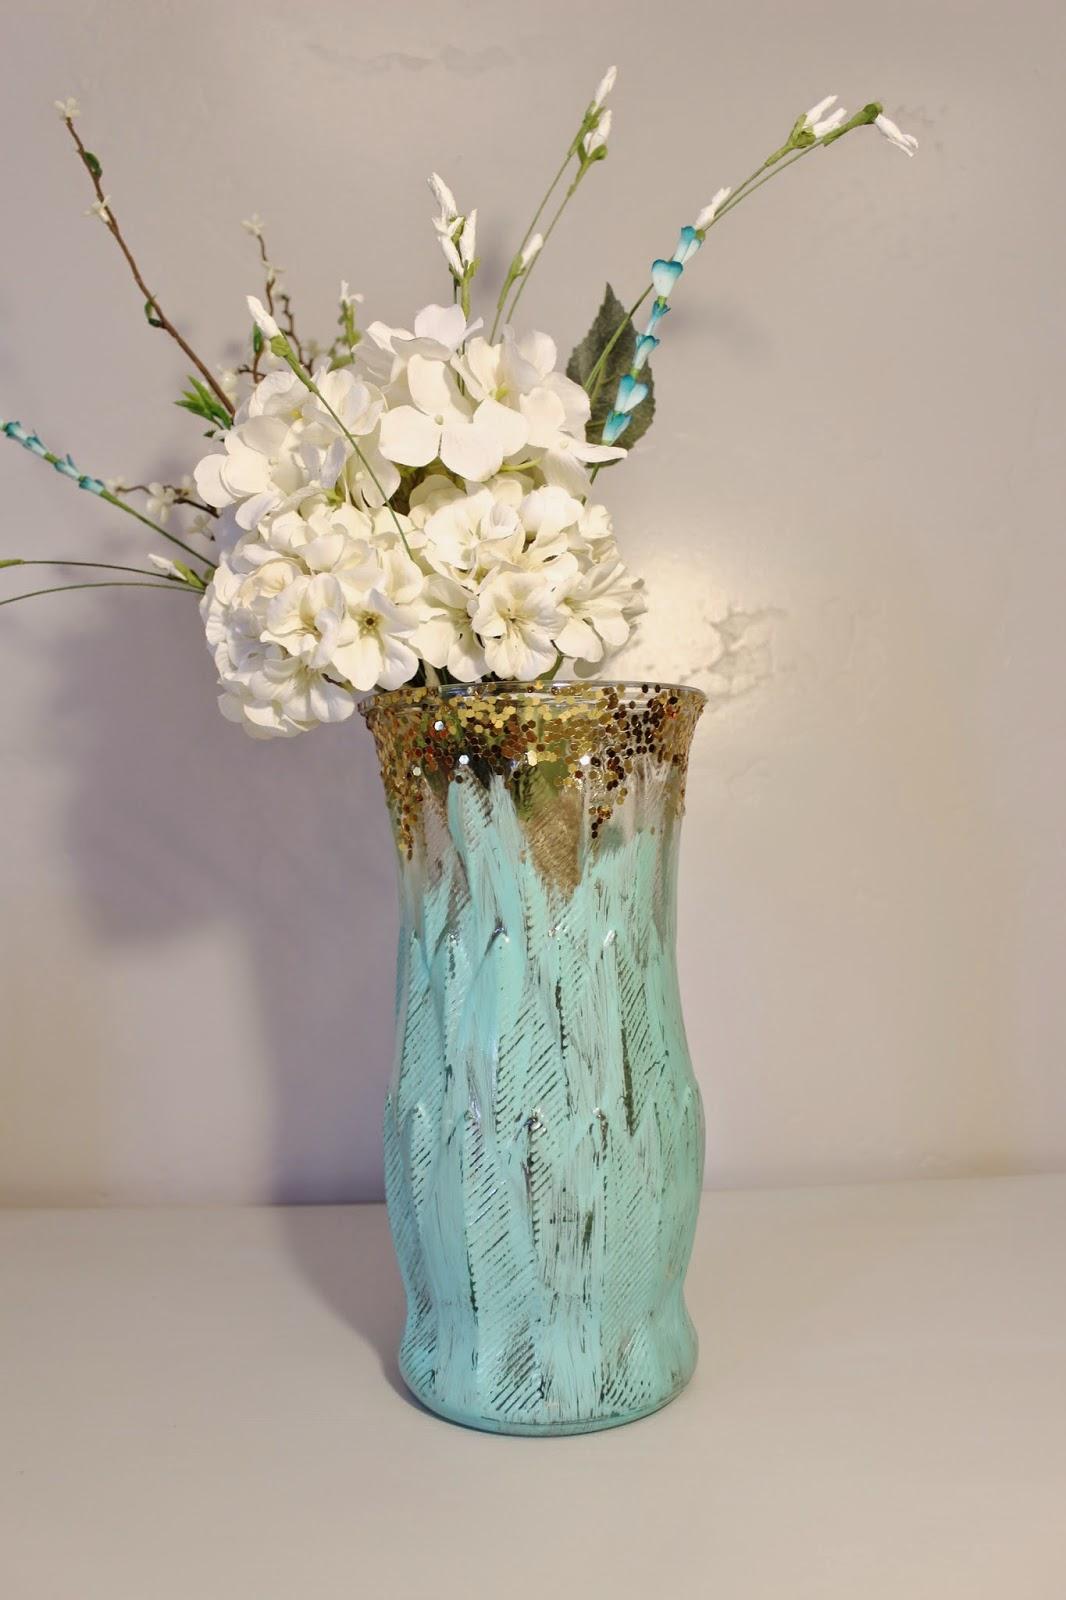 glitter and turquoise vase, large glitter vase, large handpainted vase, handpainted turquoise vase, distressed turquoise vase, glitter ombre vase, glitter vase, gold and turquoise vase, gold glitter vase